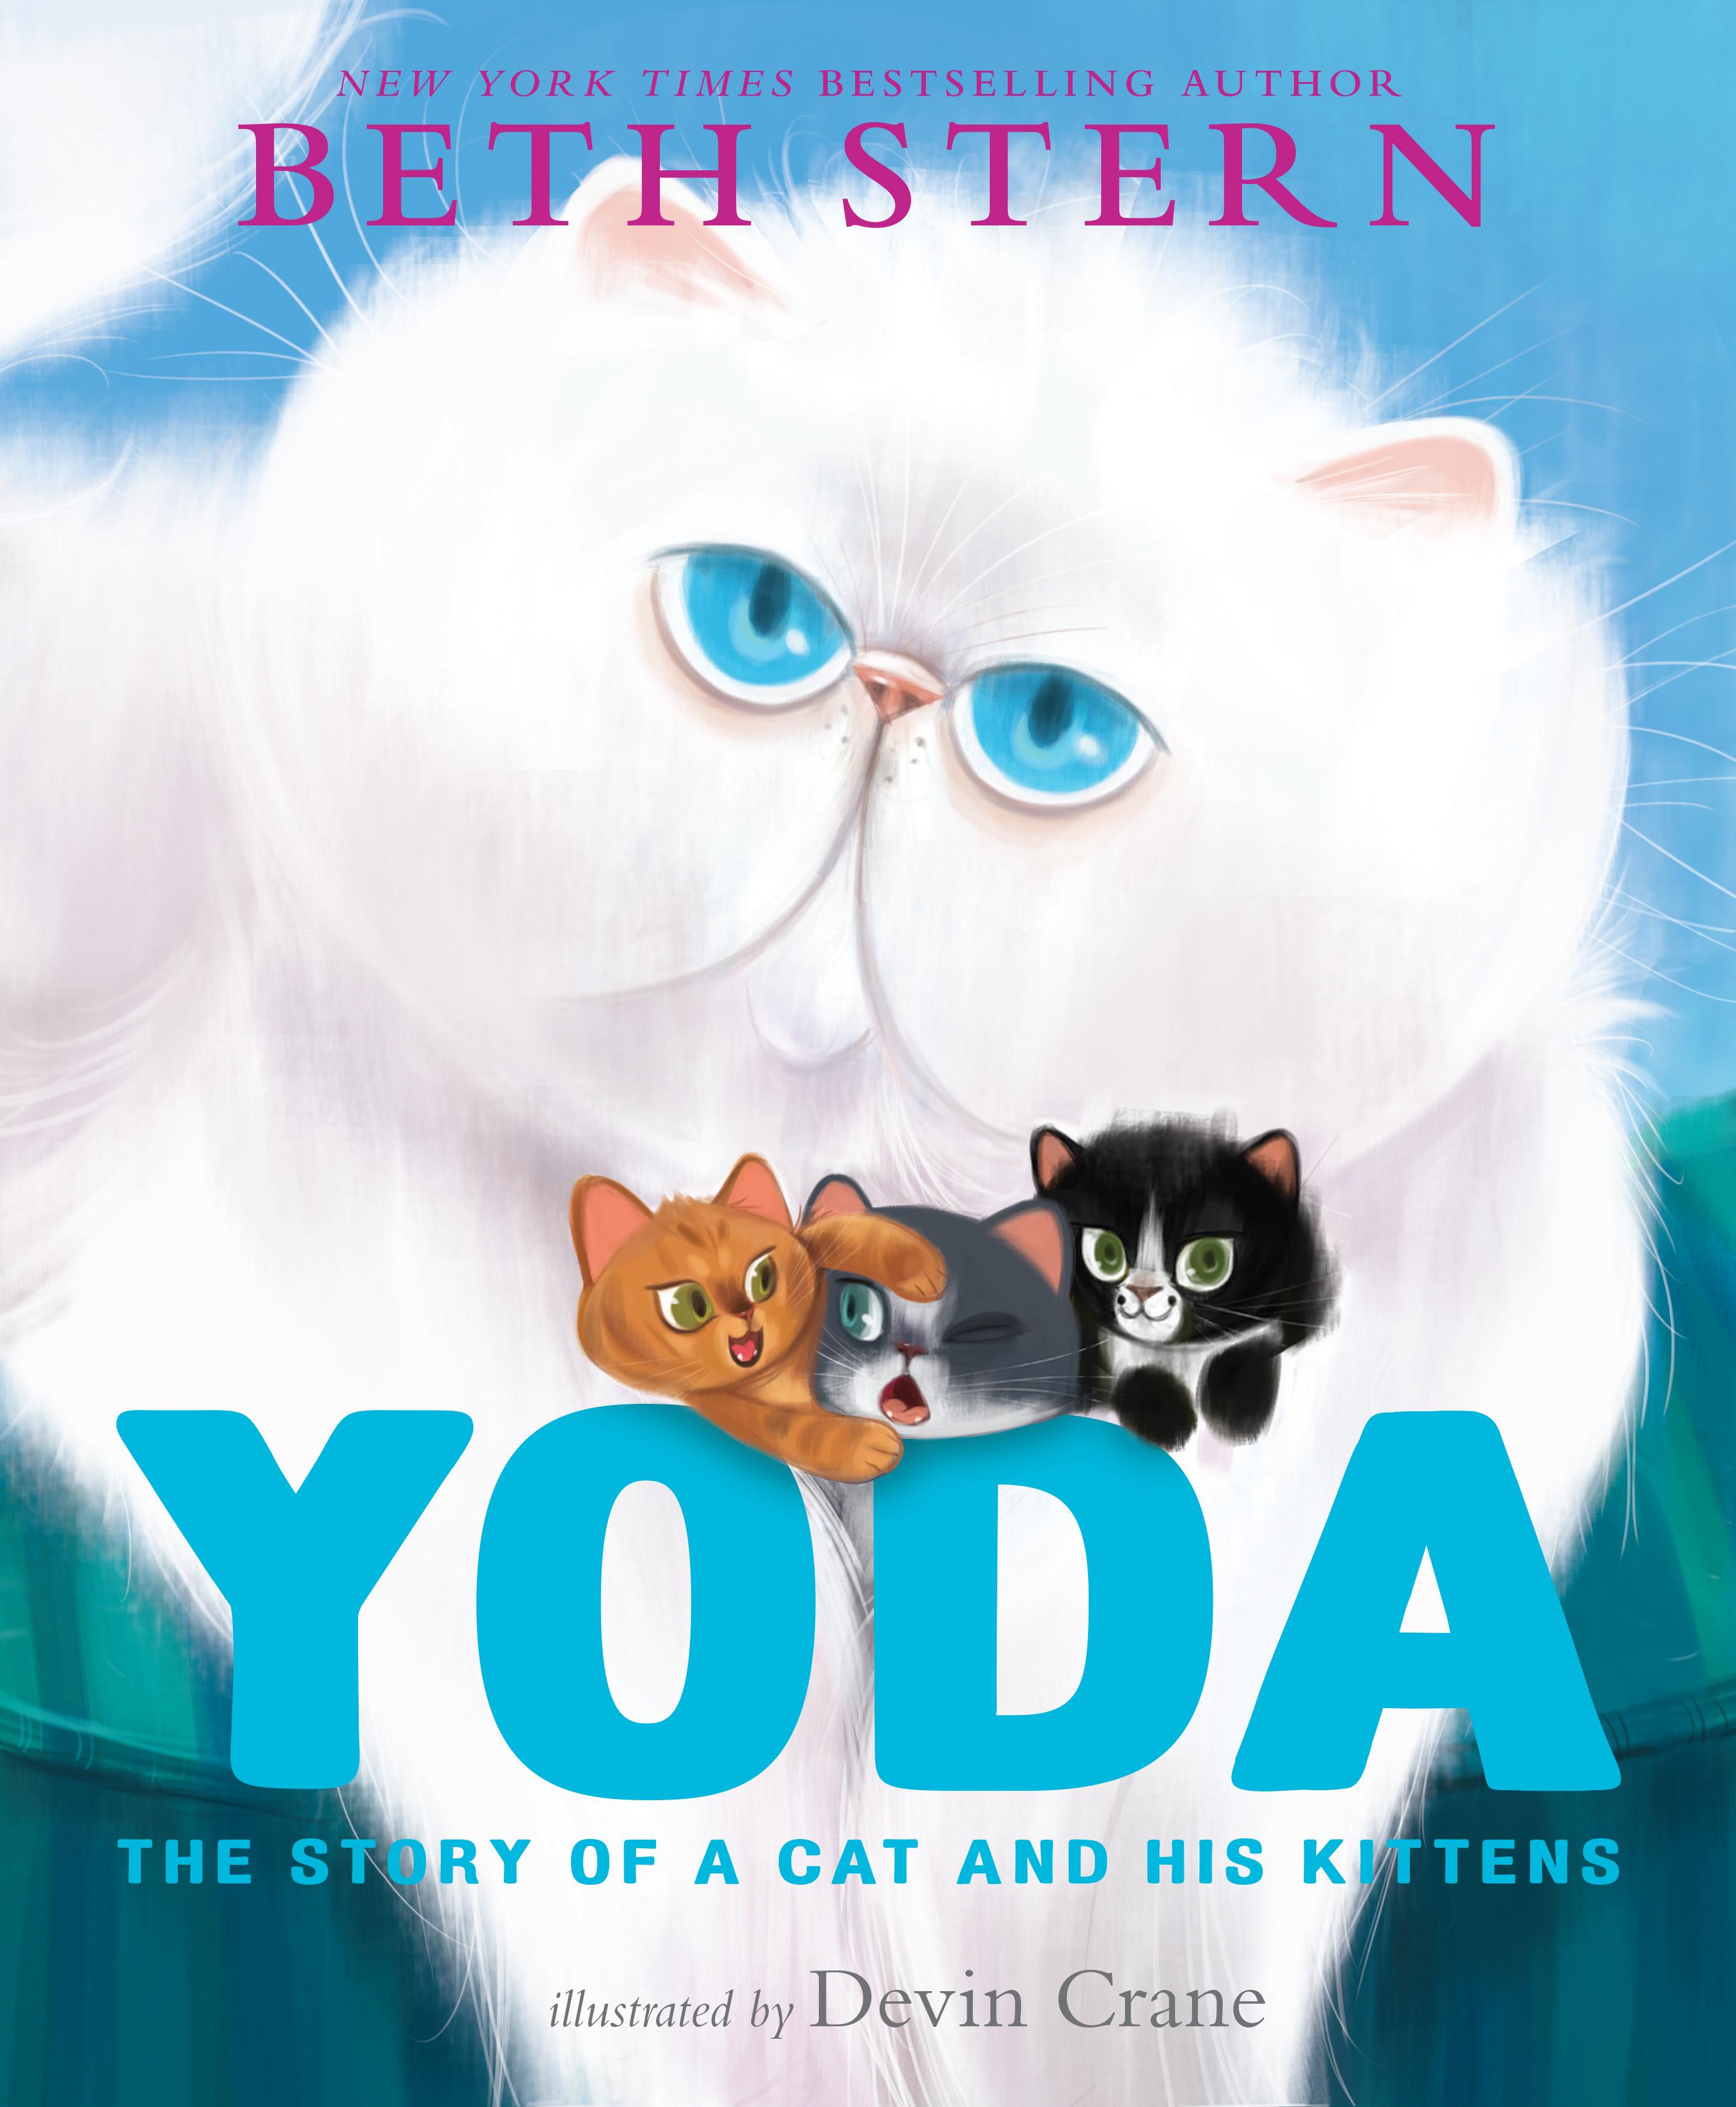 Yoda and Beth Stern